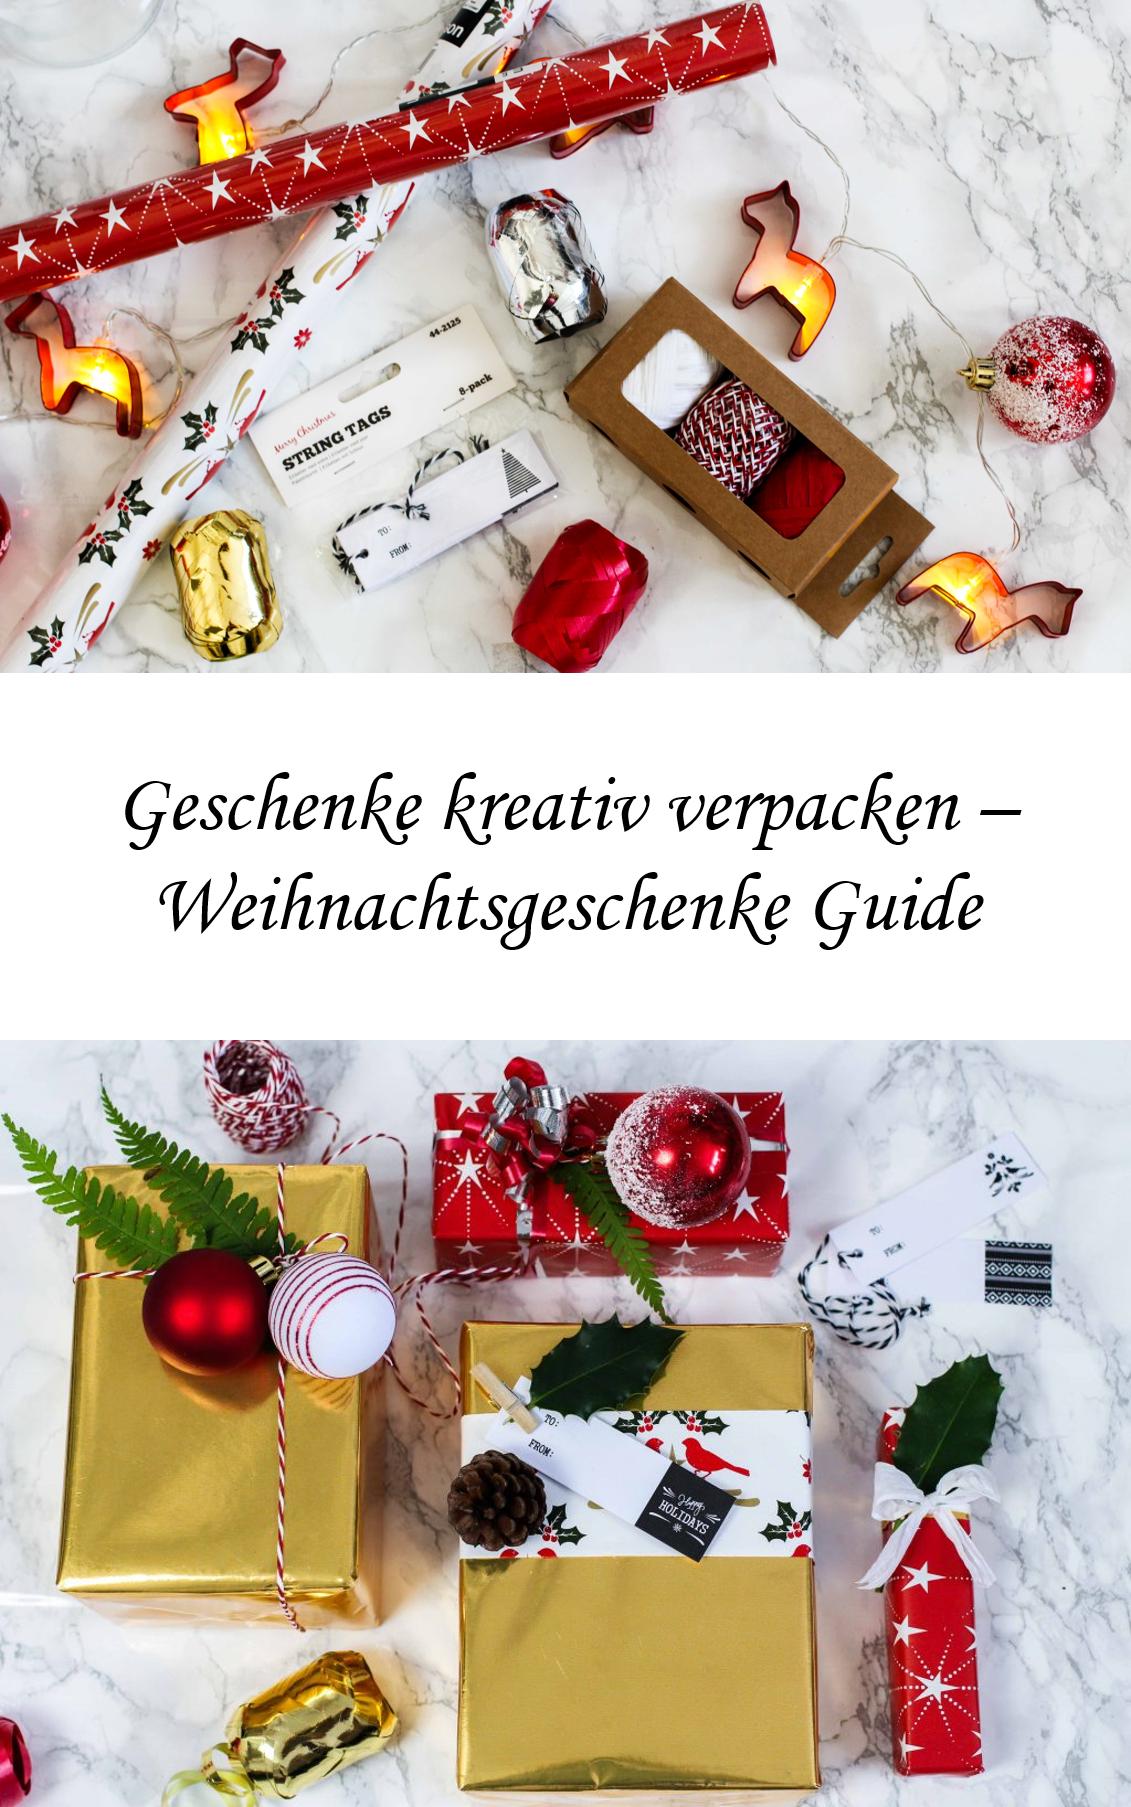 Geschenke-kreativ-einpacken-Weihnachten-Kreativer-Christmas-Gift-Wrapping-Guide-Clas-Ohlson-Geschenkpapier-Geschenk-Ideen-Dekoration gold weiß rot